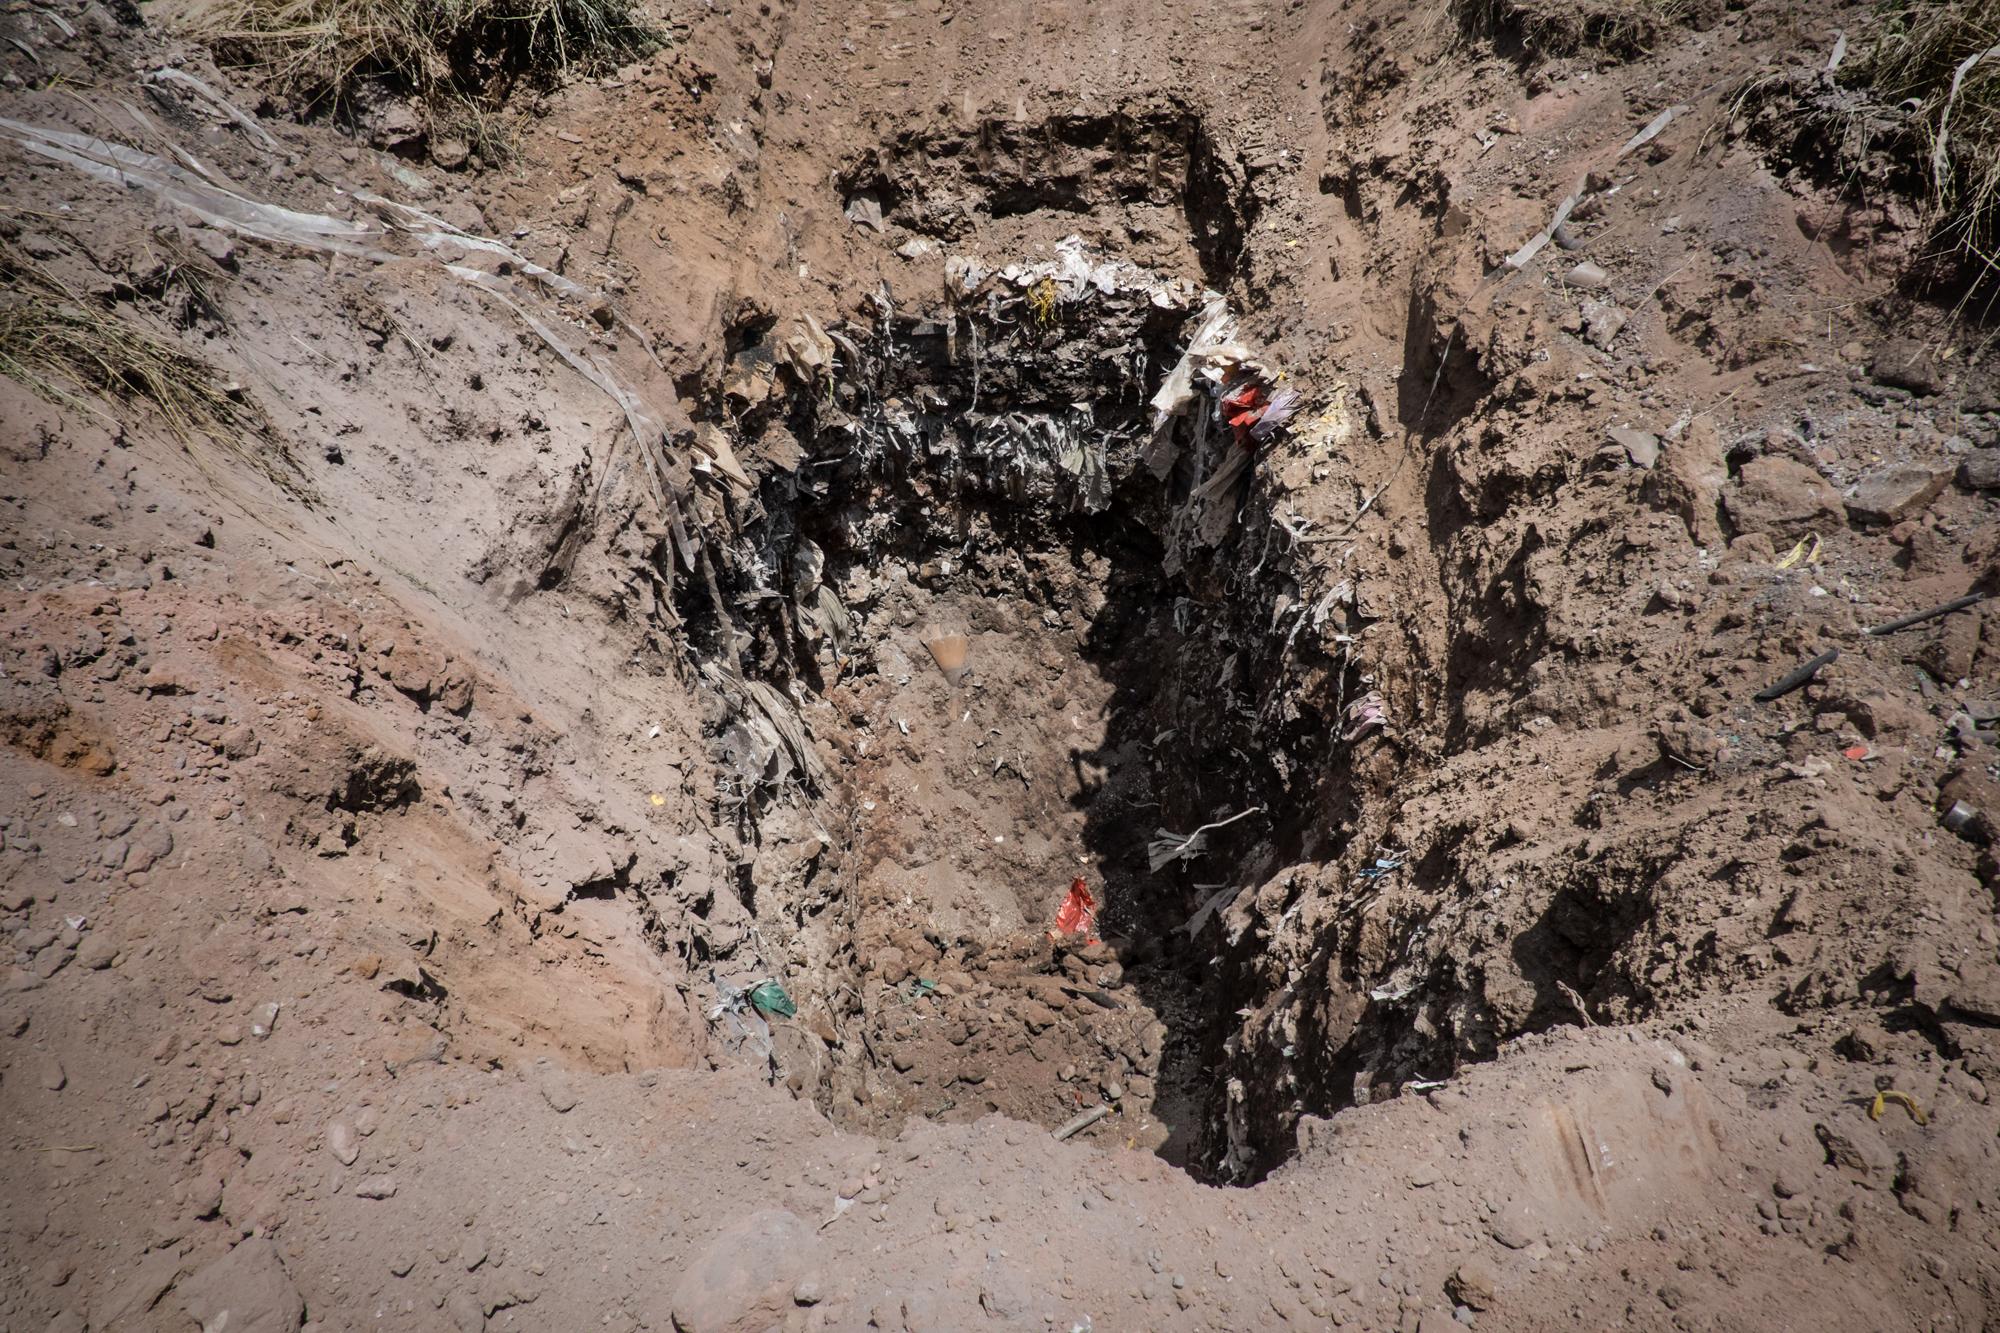 Calvi Risorta, Caserta, 2015. Rinvenimento di rifiuti in seguito a scavi. Sono risultati tossici e nocivi, provenienti da industrie chimiche locali e estere (Francia, Spagna e Cina).